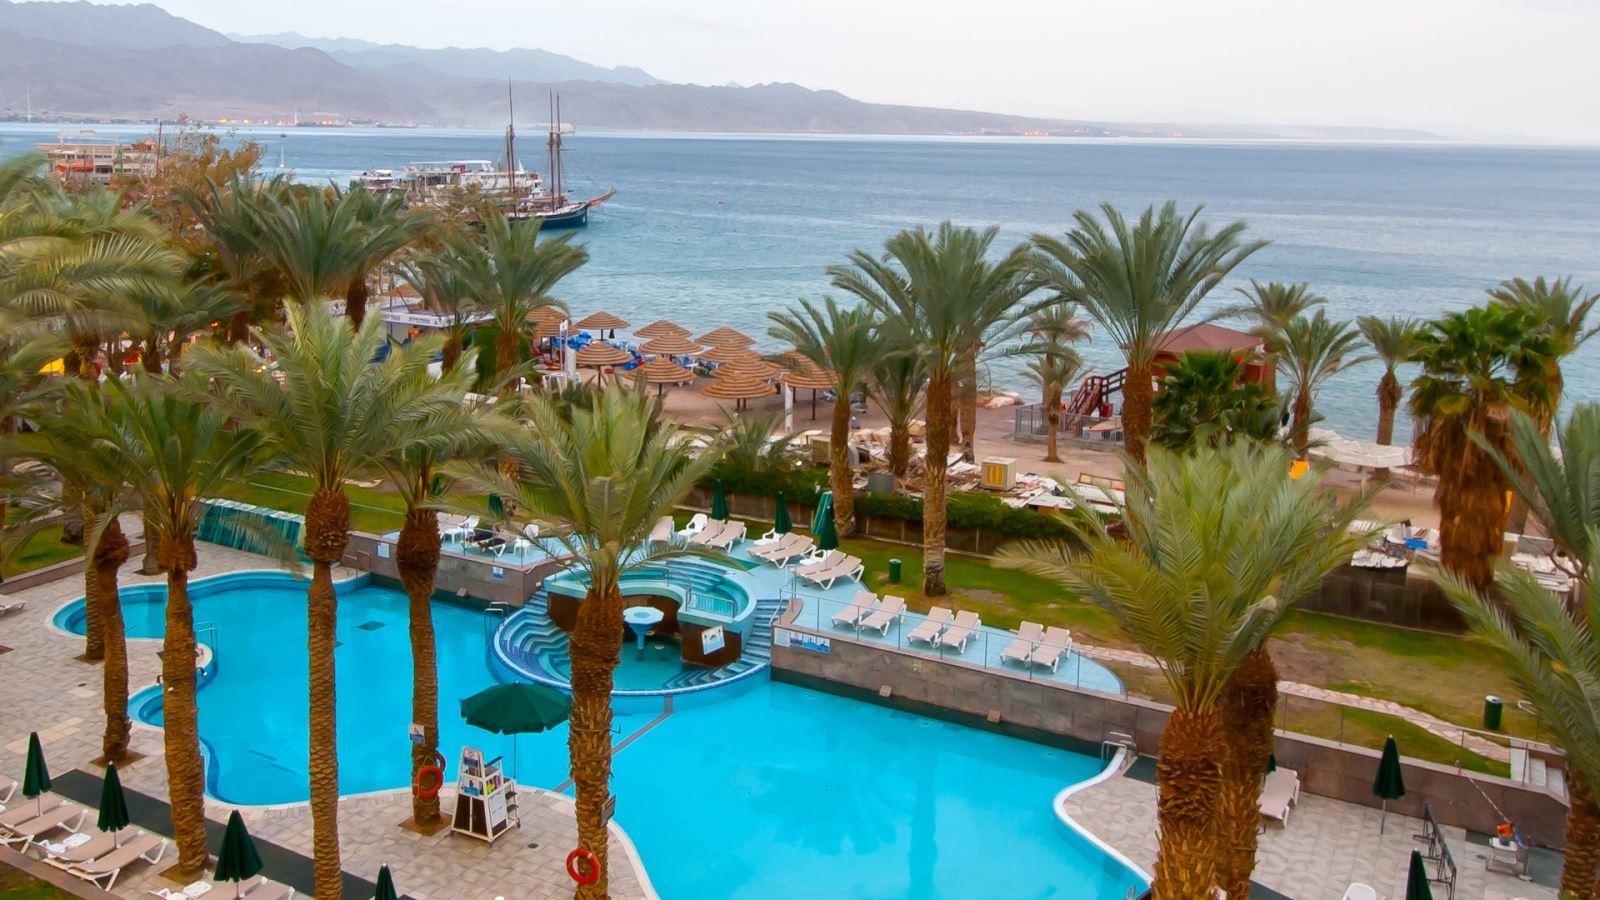 מזמינים חופשה במלון לאונרדו פלאזה אילת ב-45% הנחה!